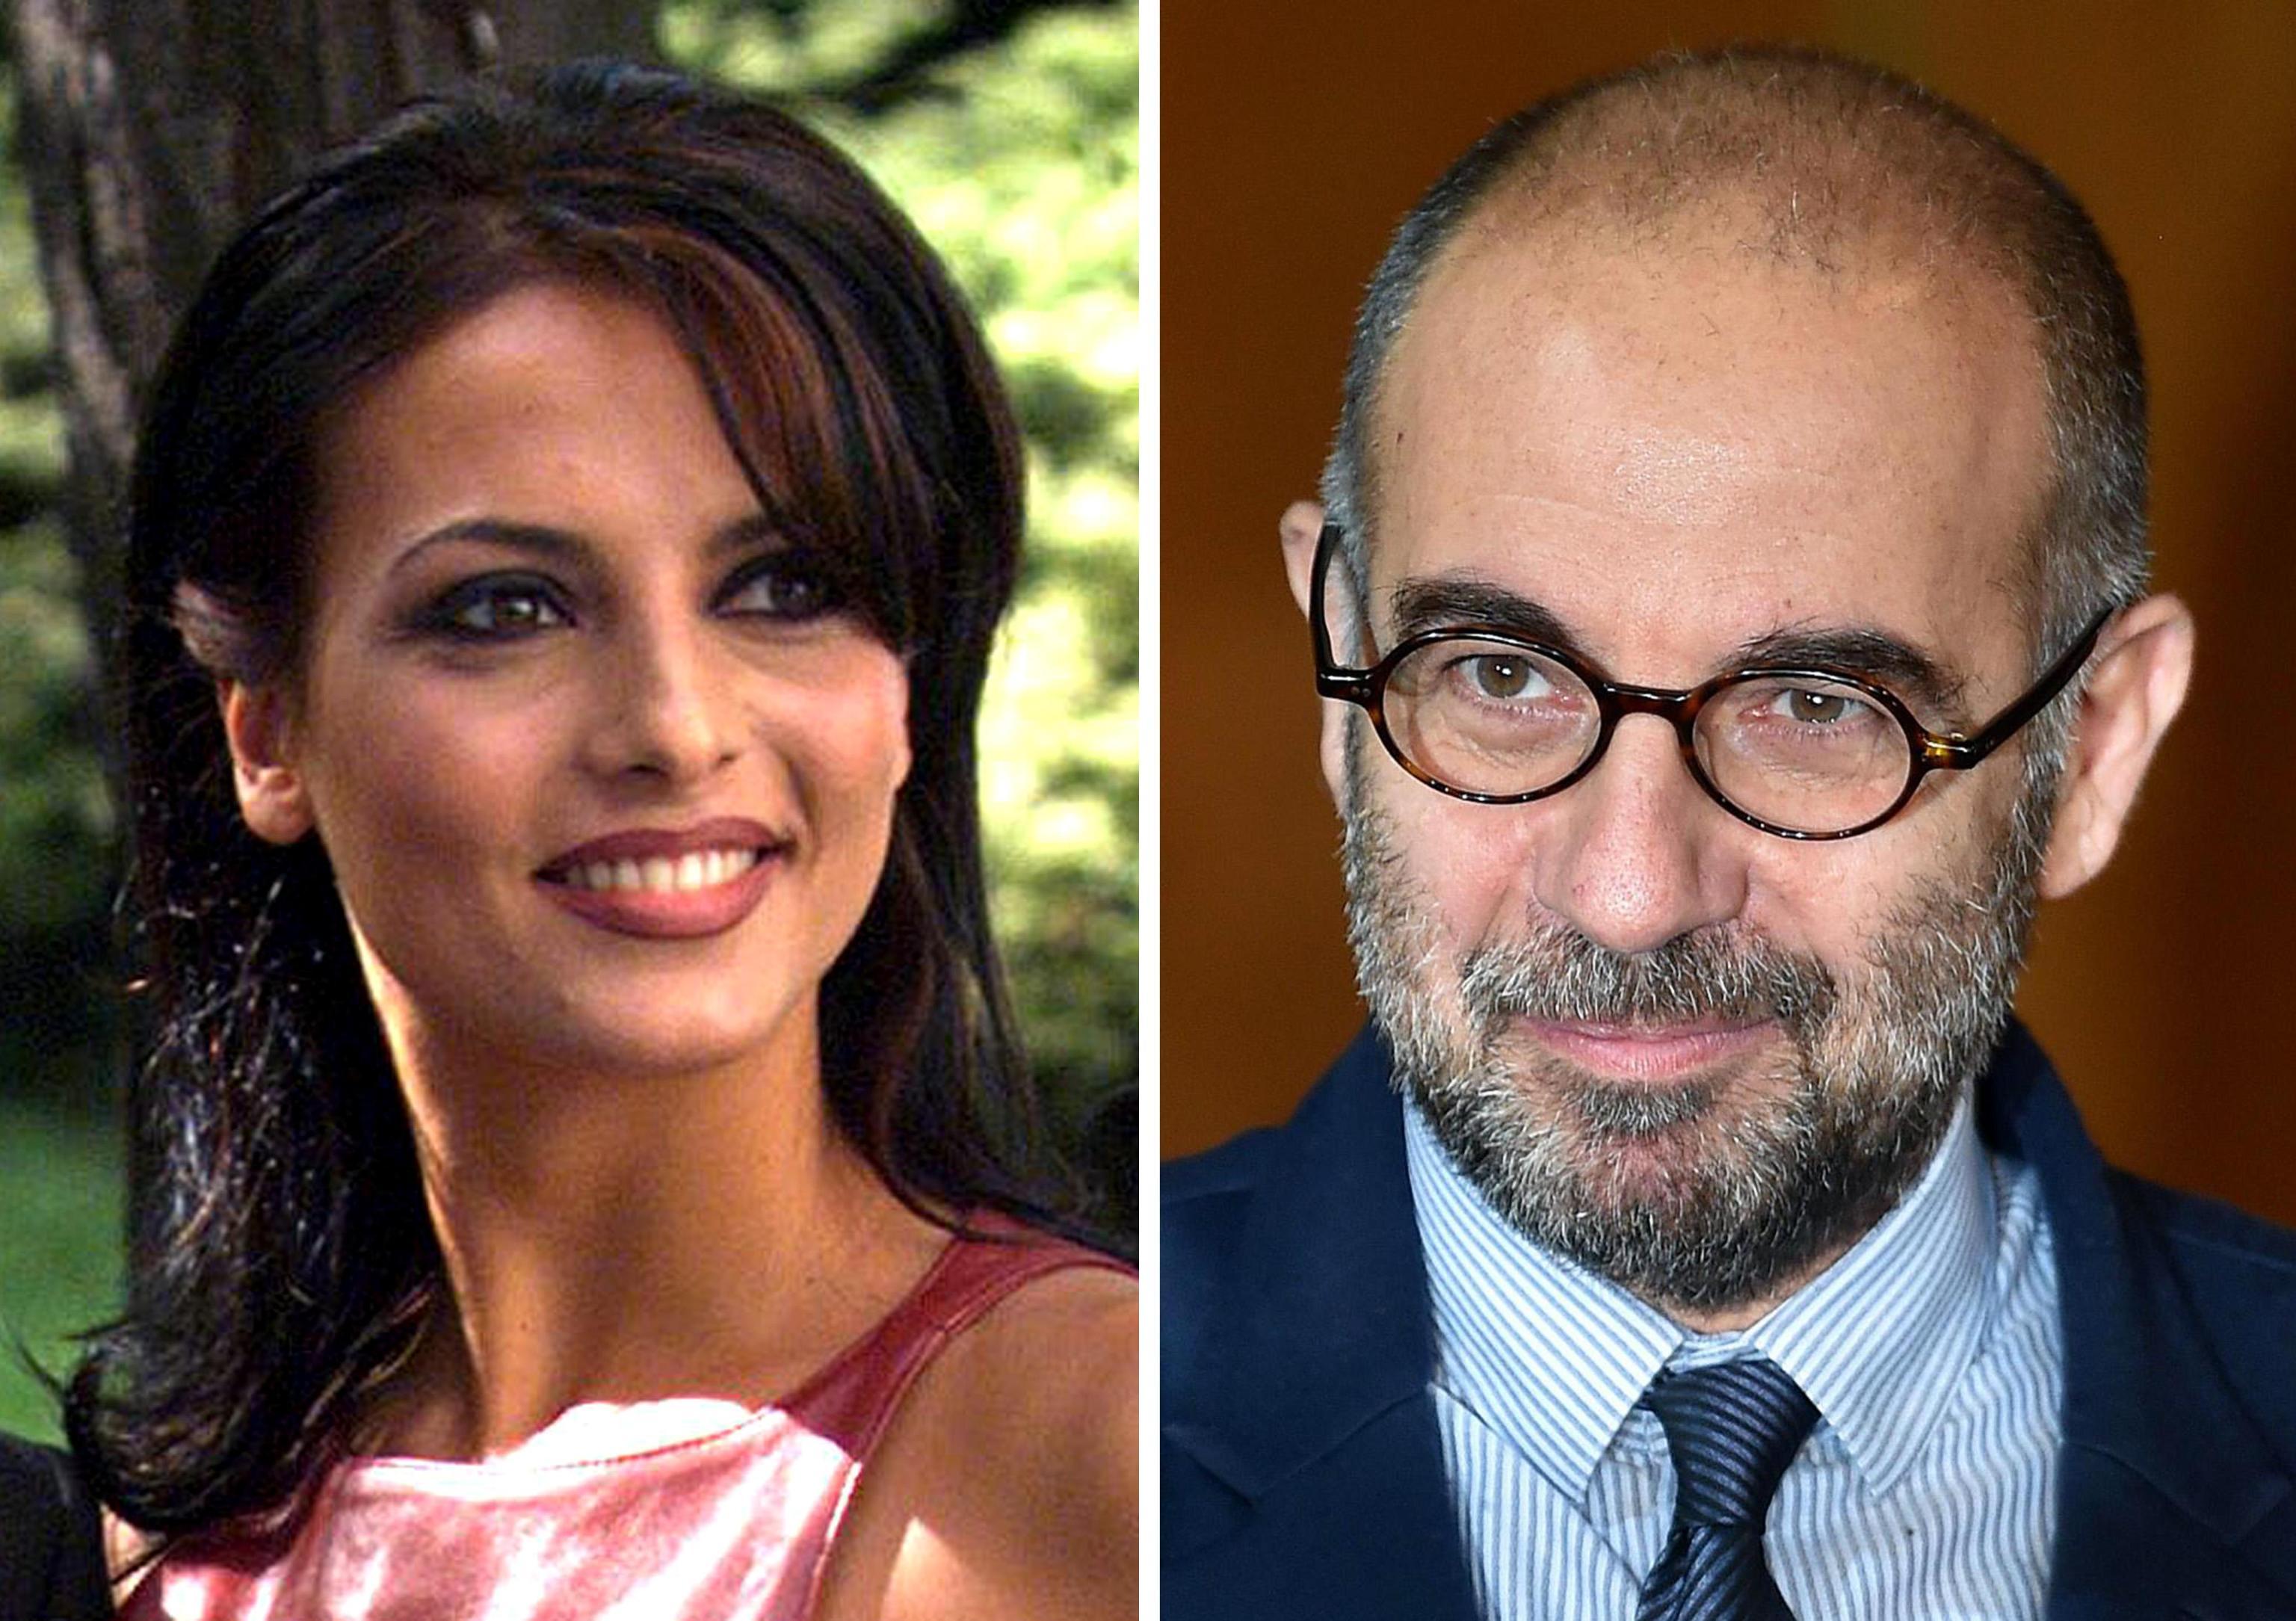 Miriana Trevisan accusa Giuseppe Tornatore, il regista si difende: 'Agirò nelle sedi competenti'